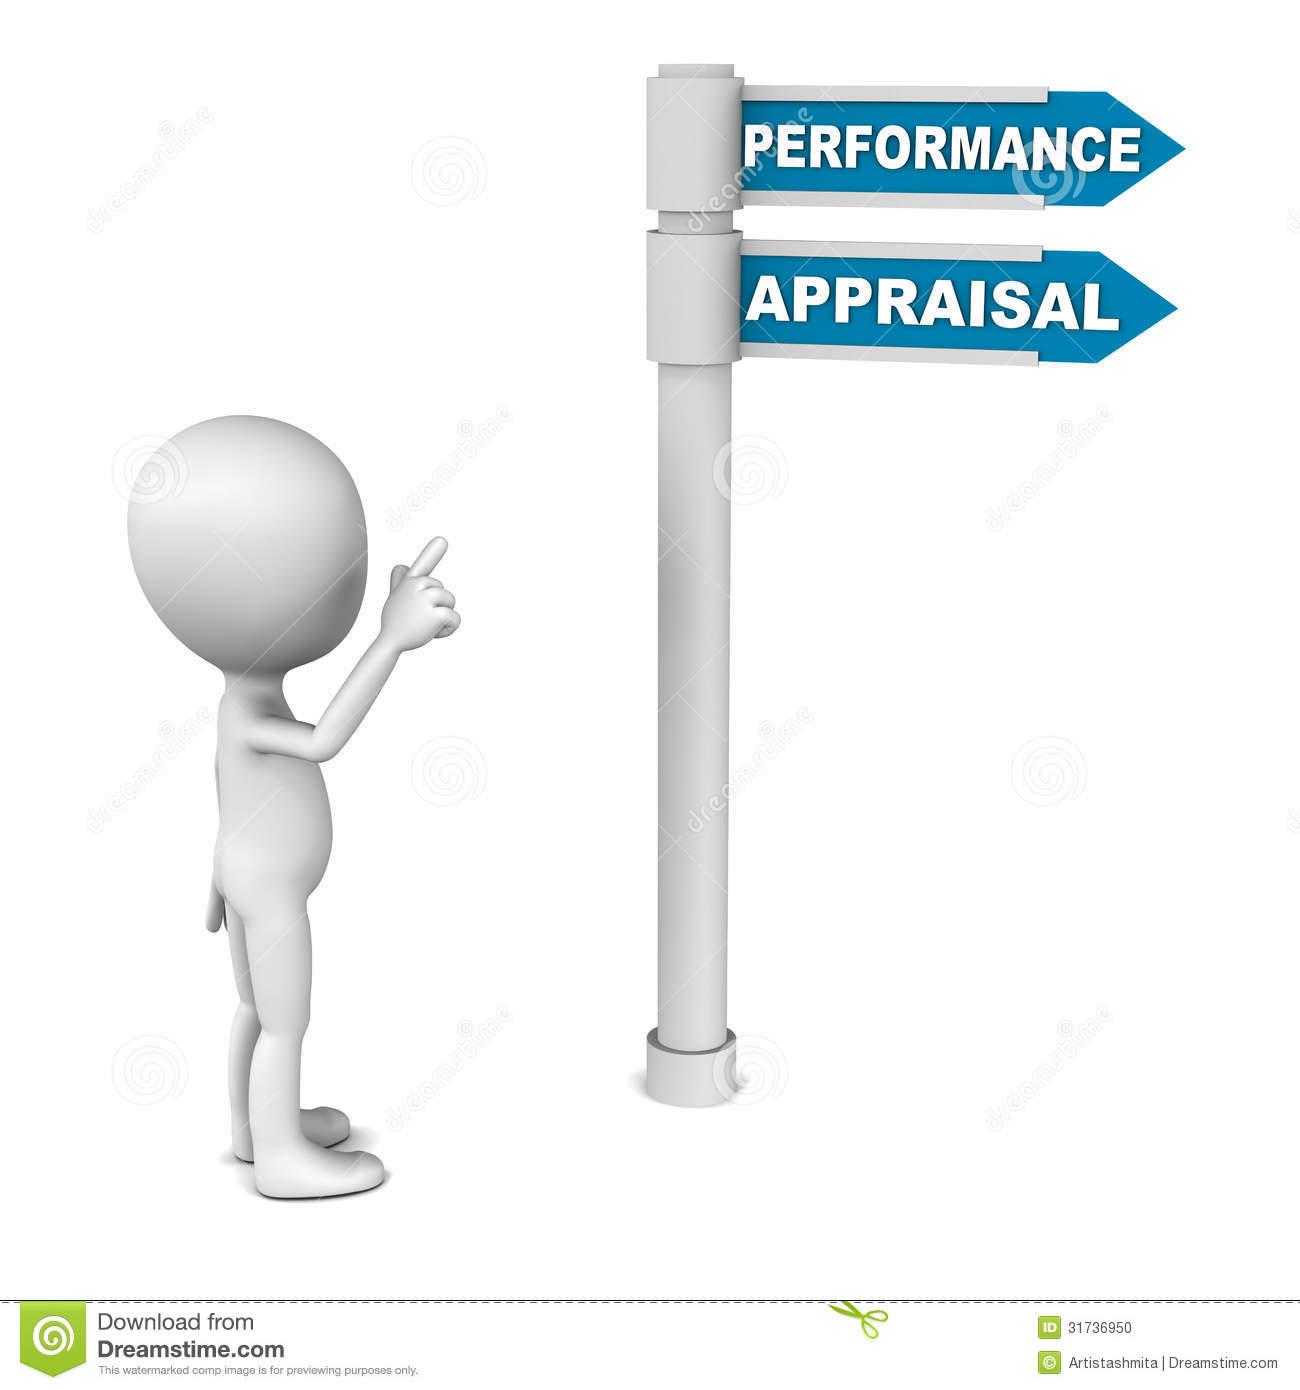 Appraisal clipart #9